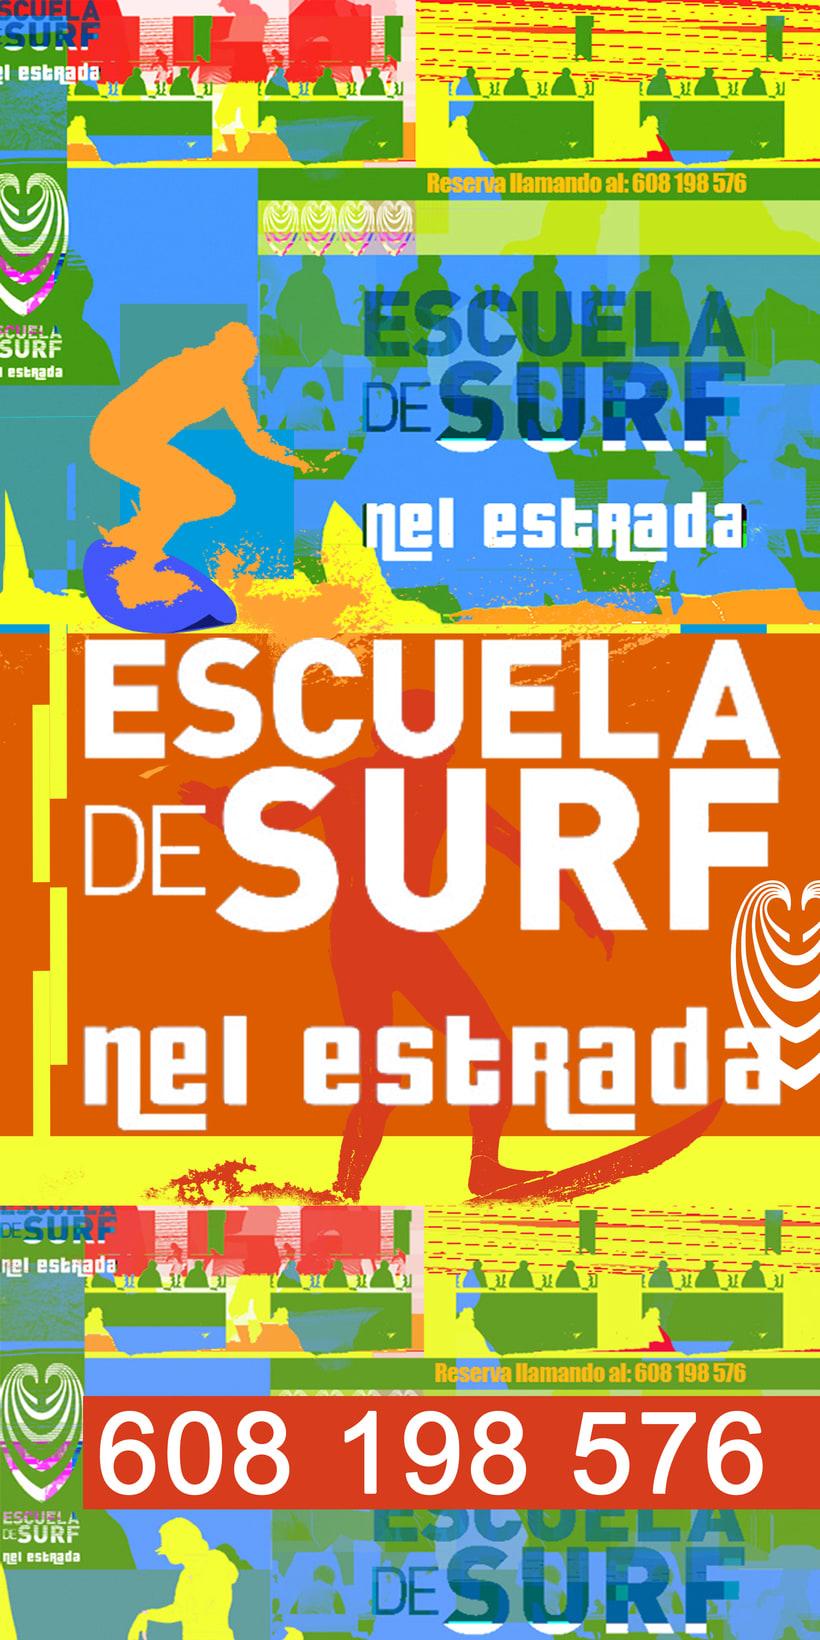 ESCUELA DE SURF NEL ESTRADA (Santander) 9